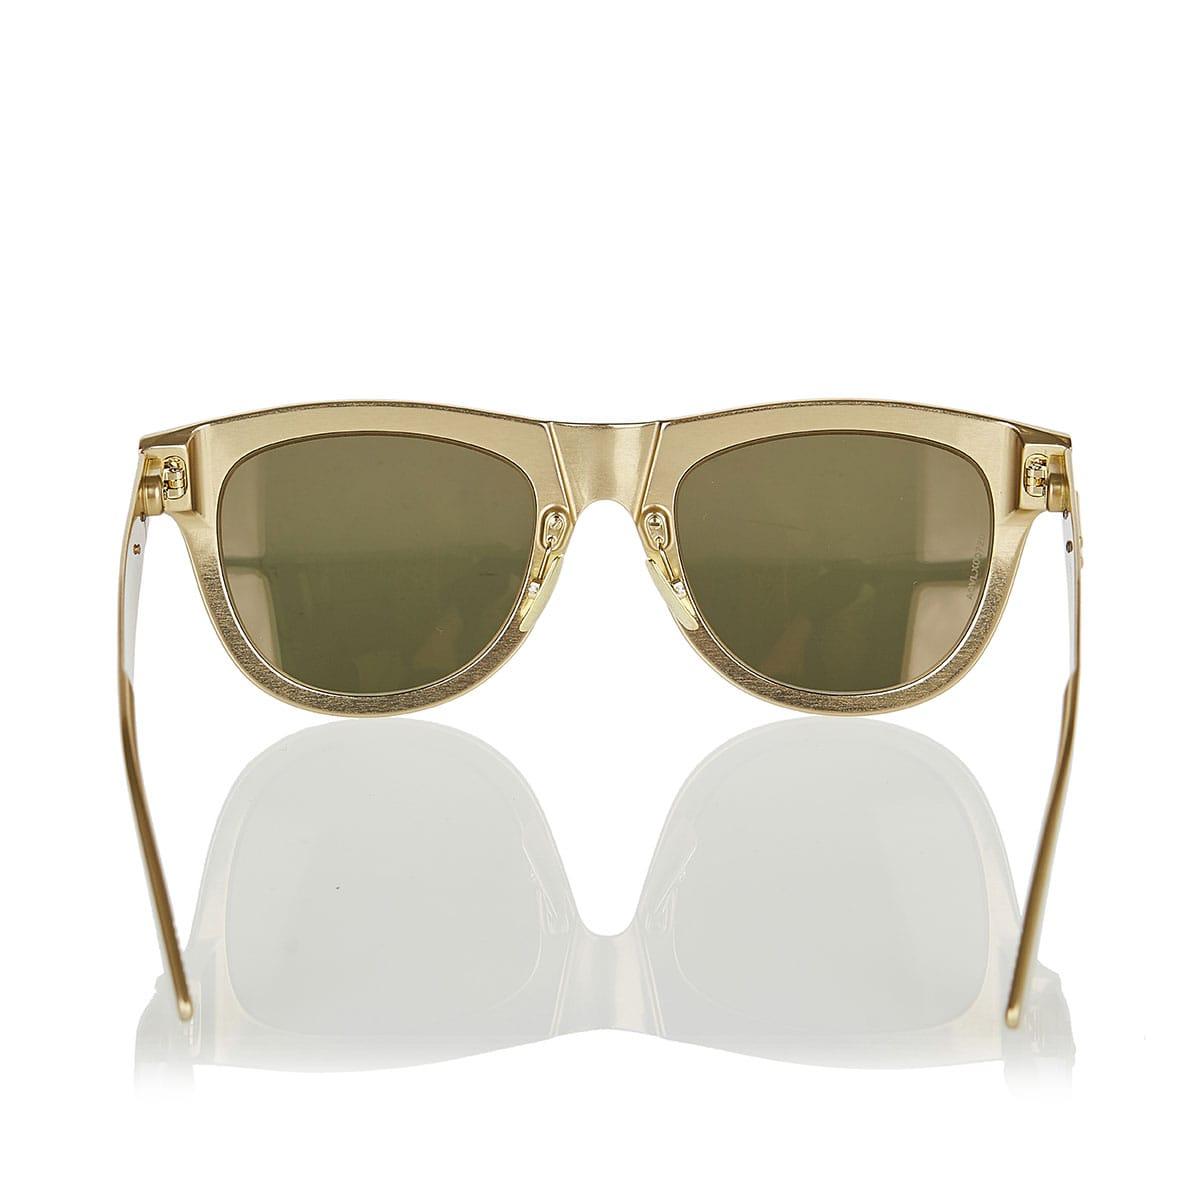 Aluminium metallic sunglasses